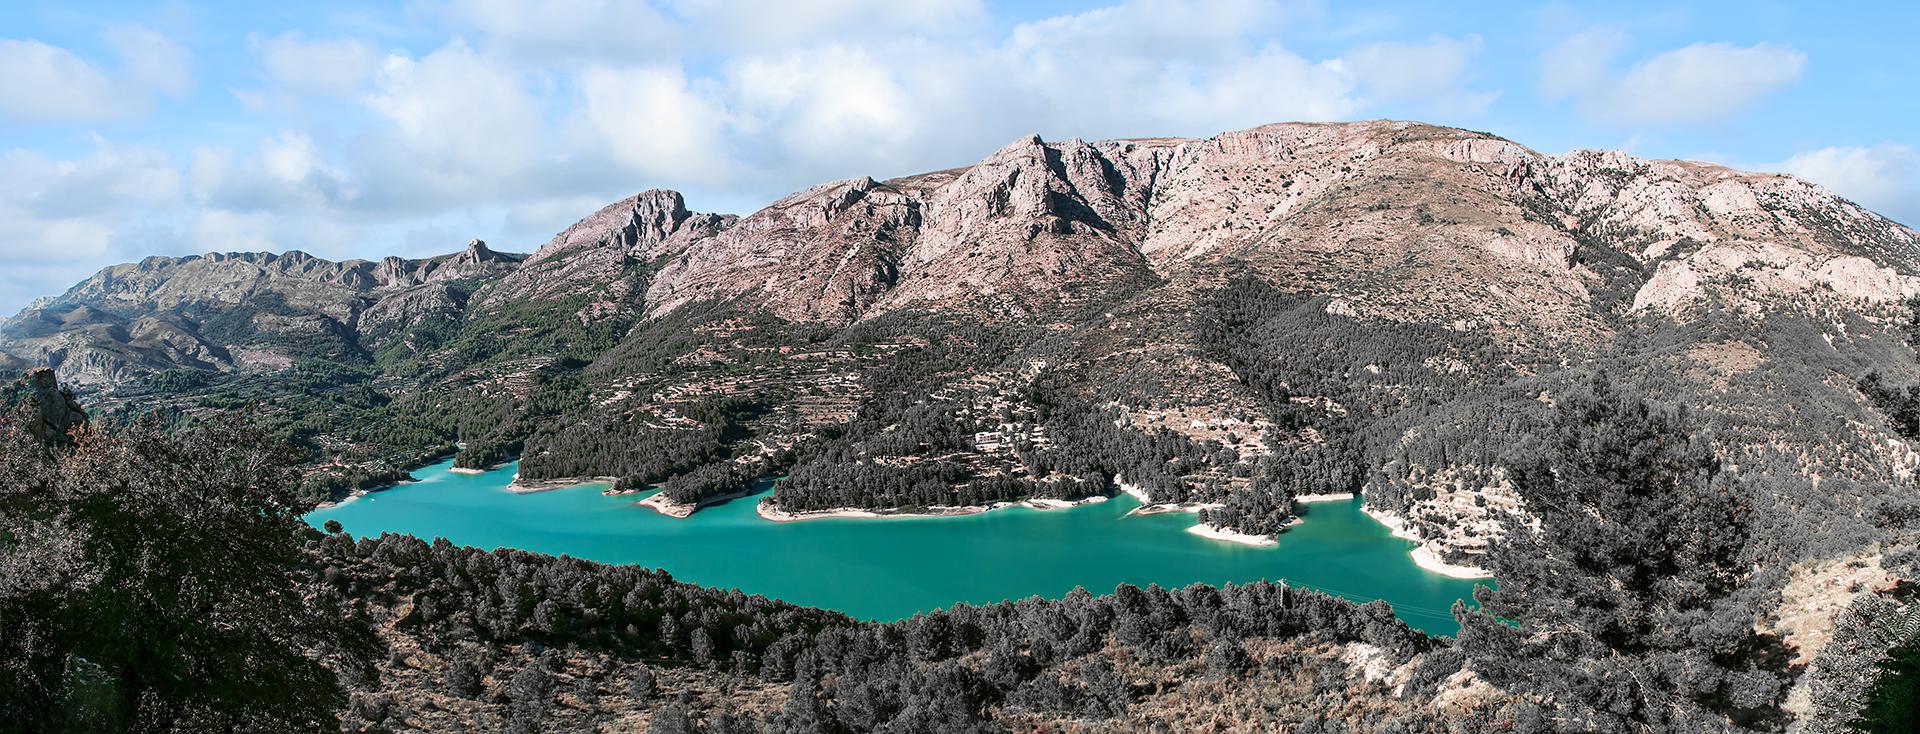 Guadalest-Hiszpania, piękne jezioro wśród gór.